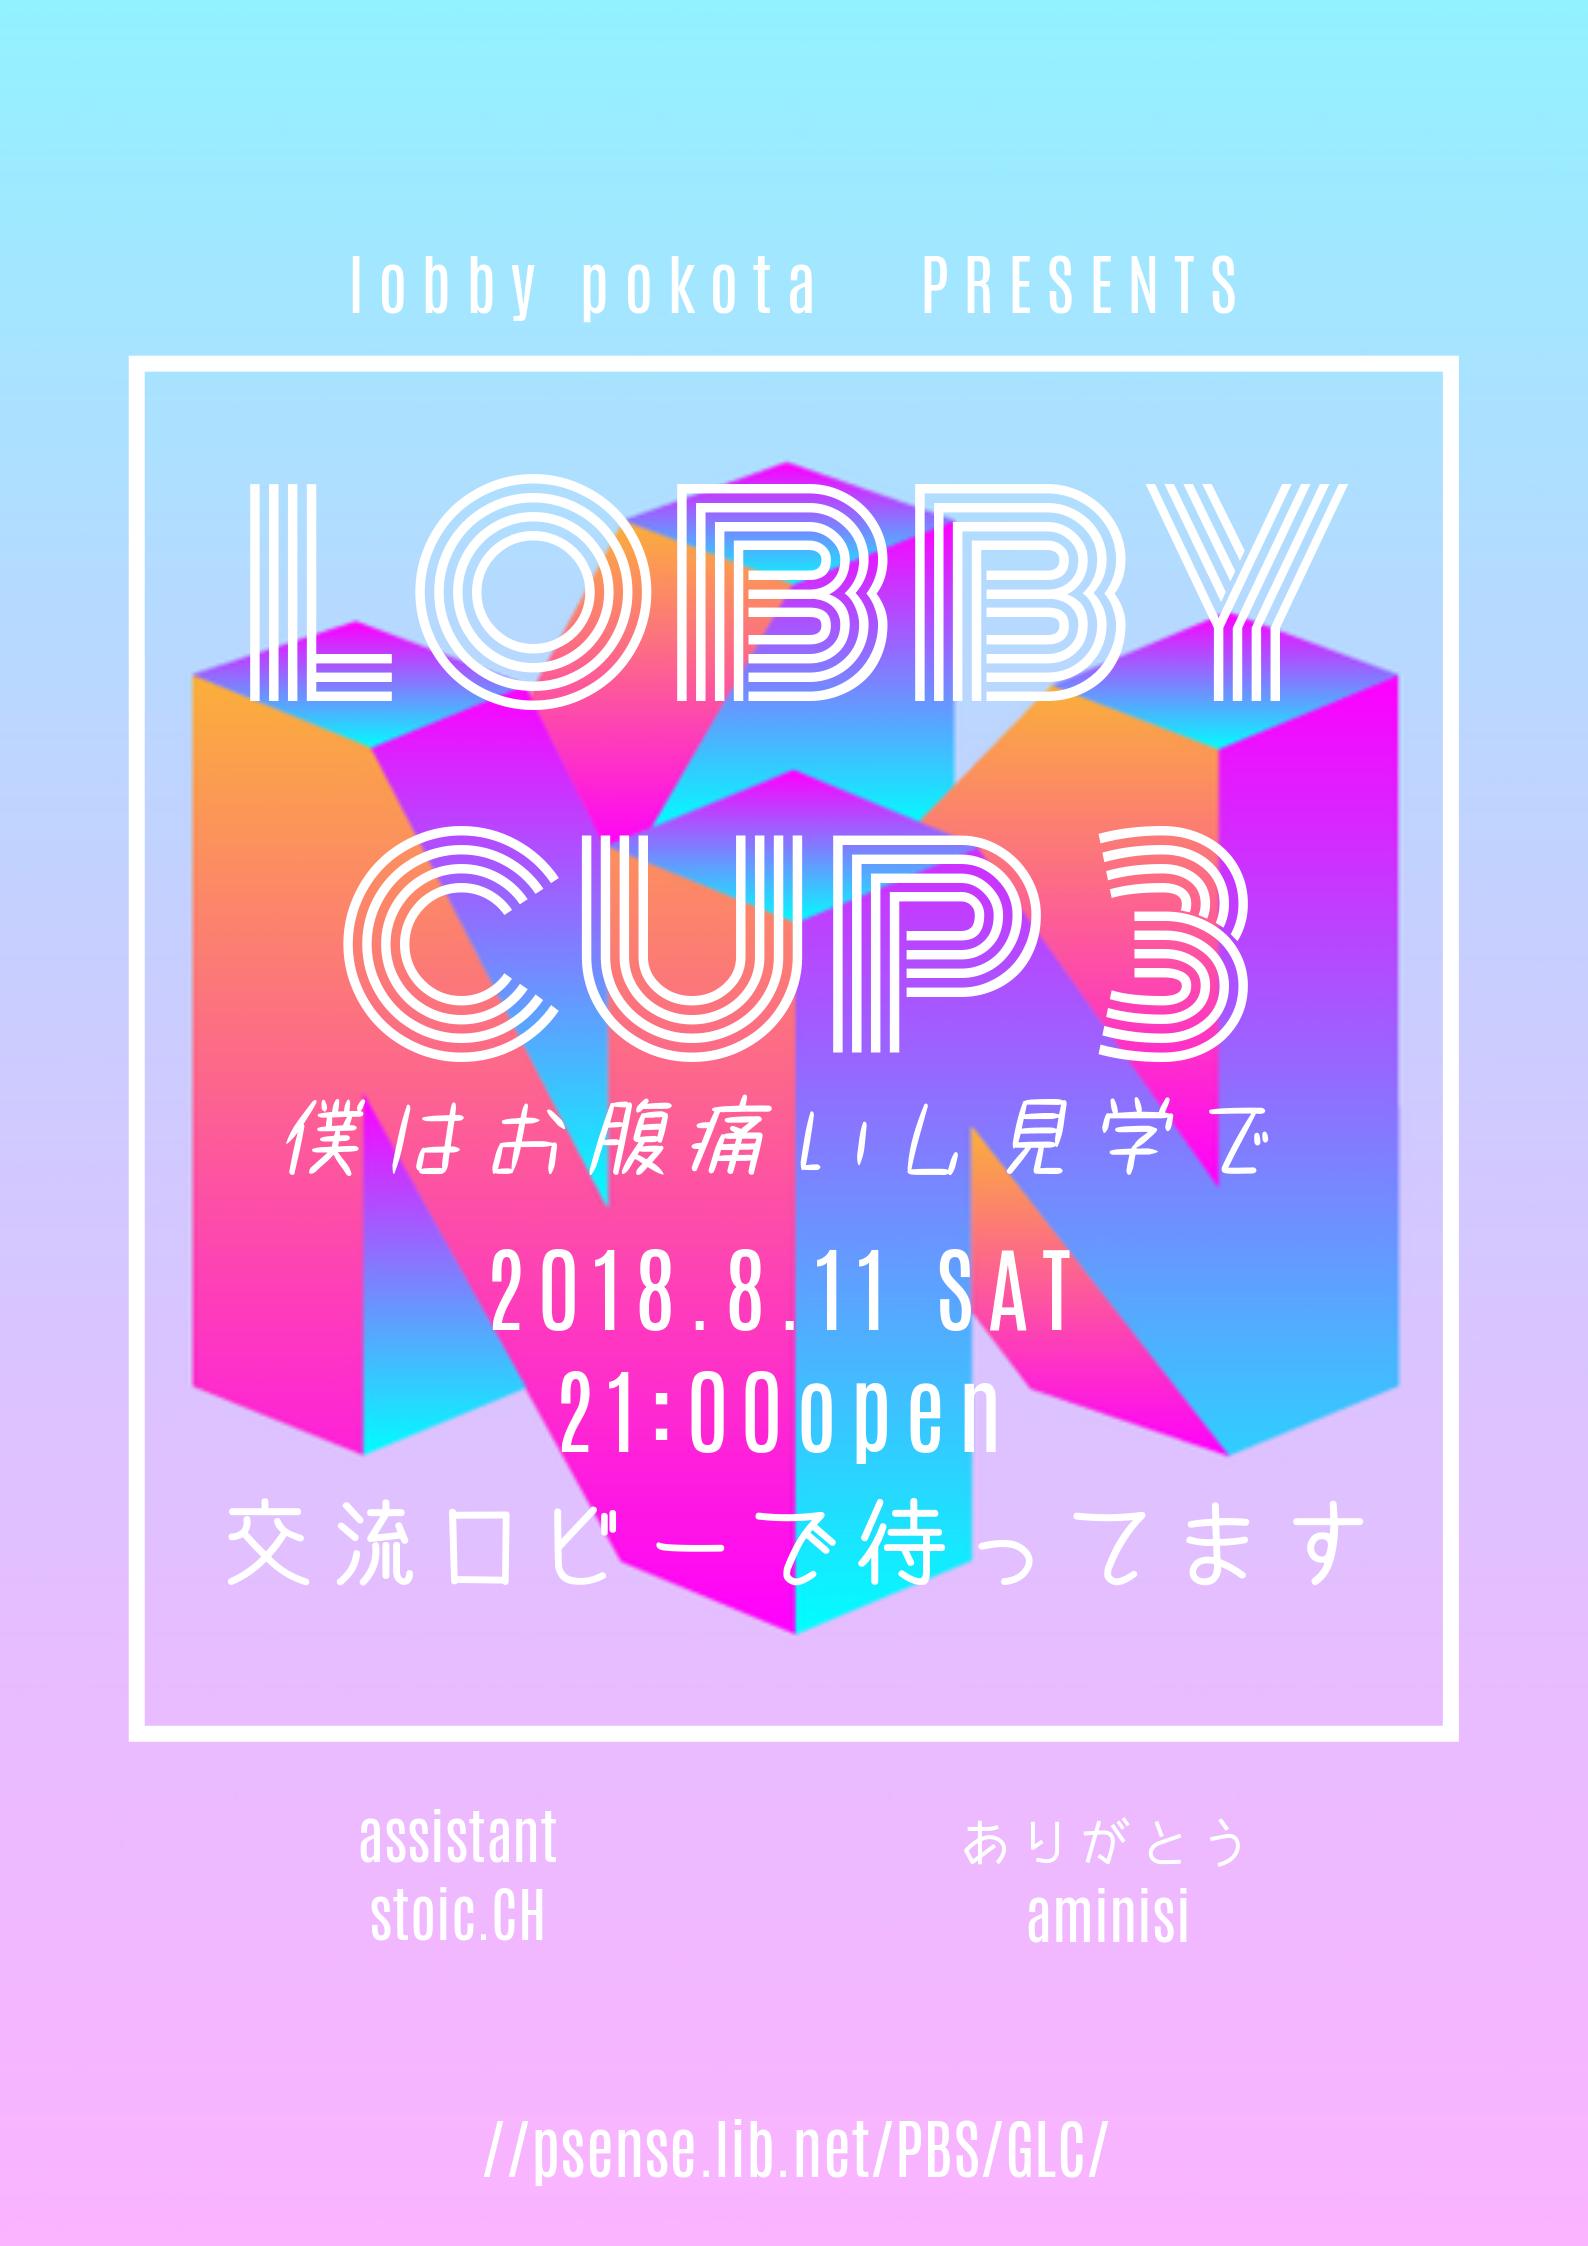 ロビーカップ